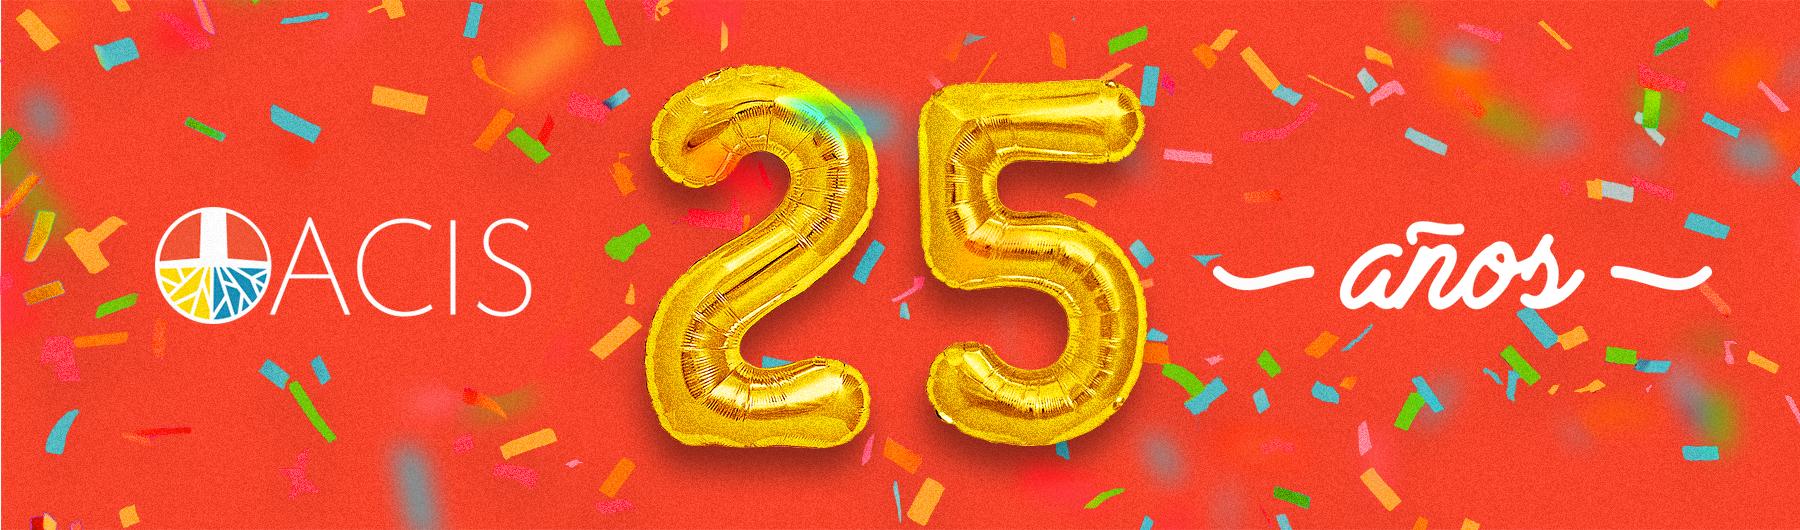 Celebración ACIS 25 años